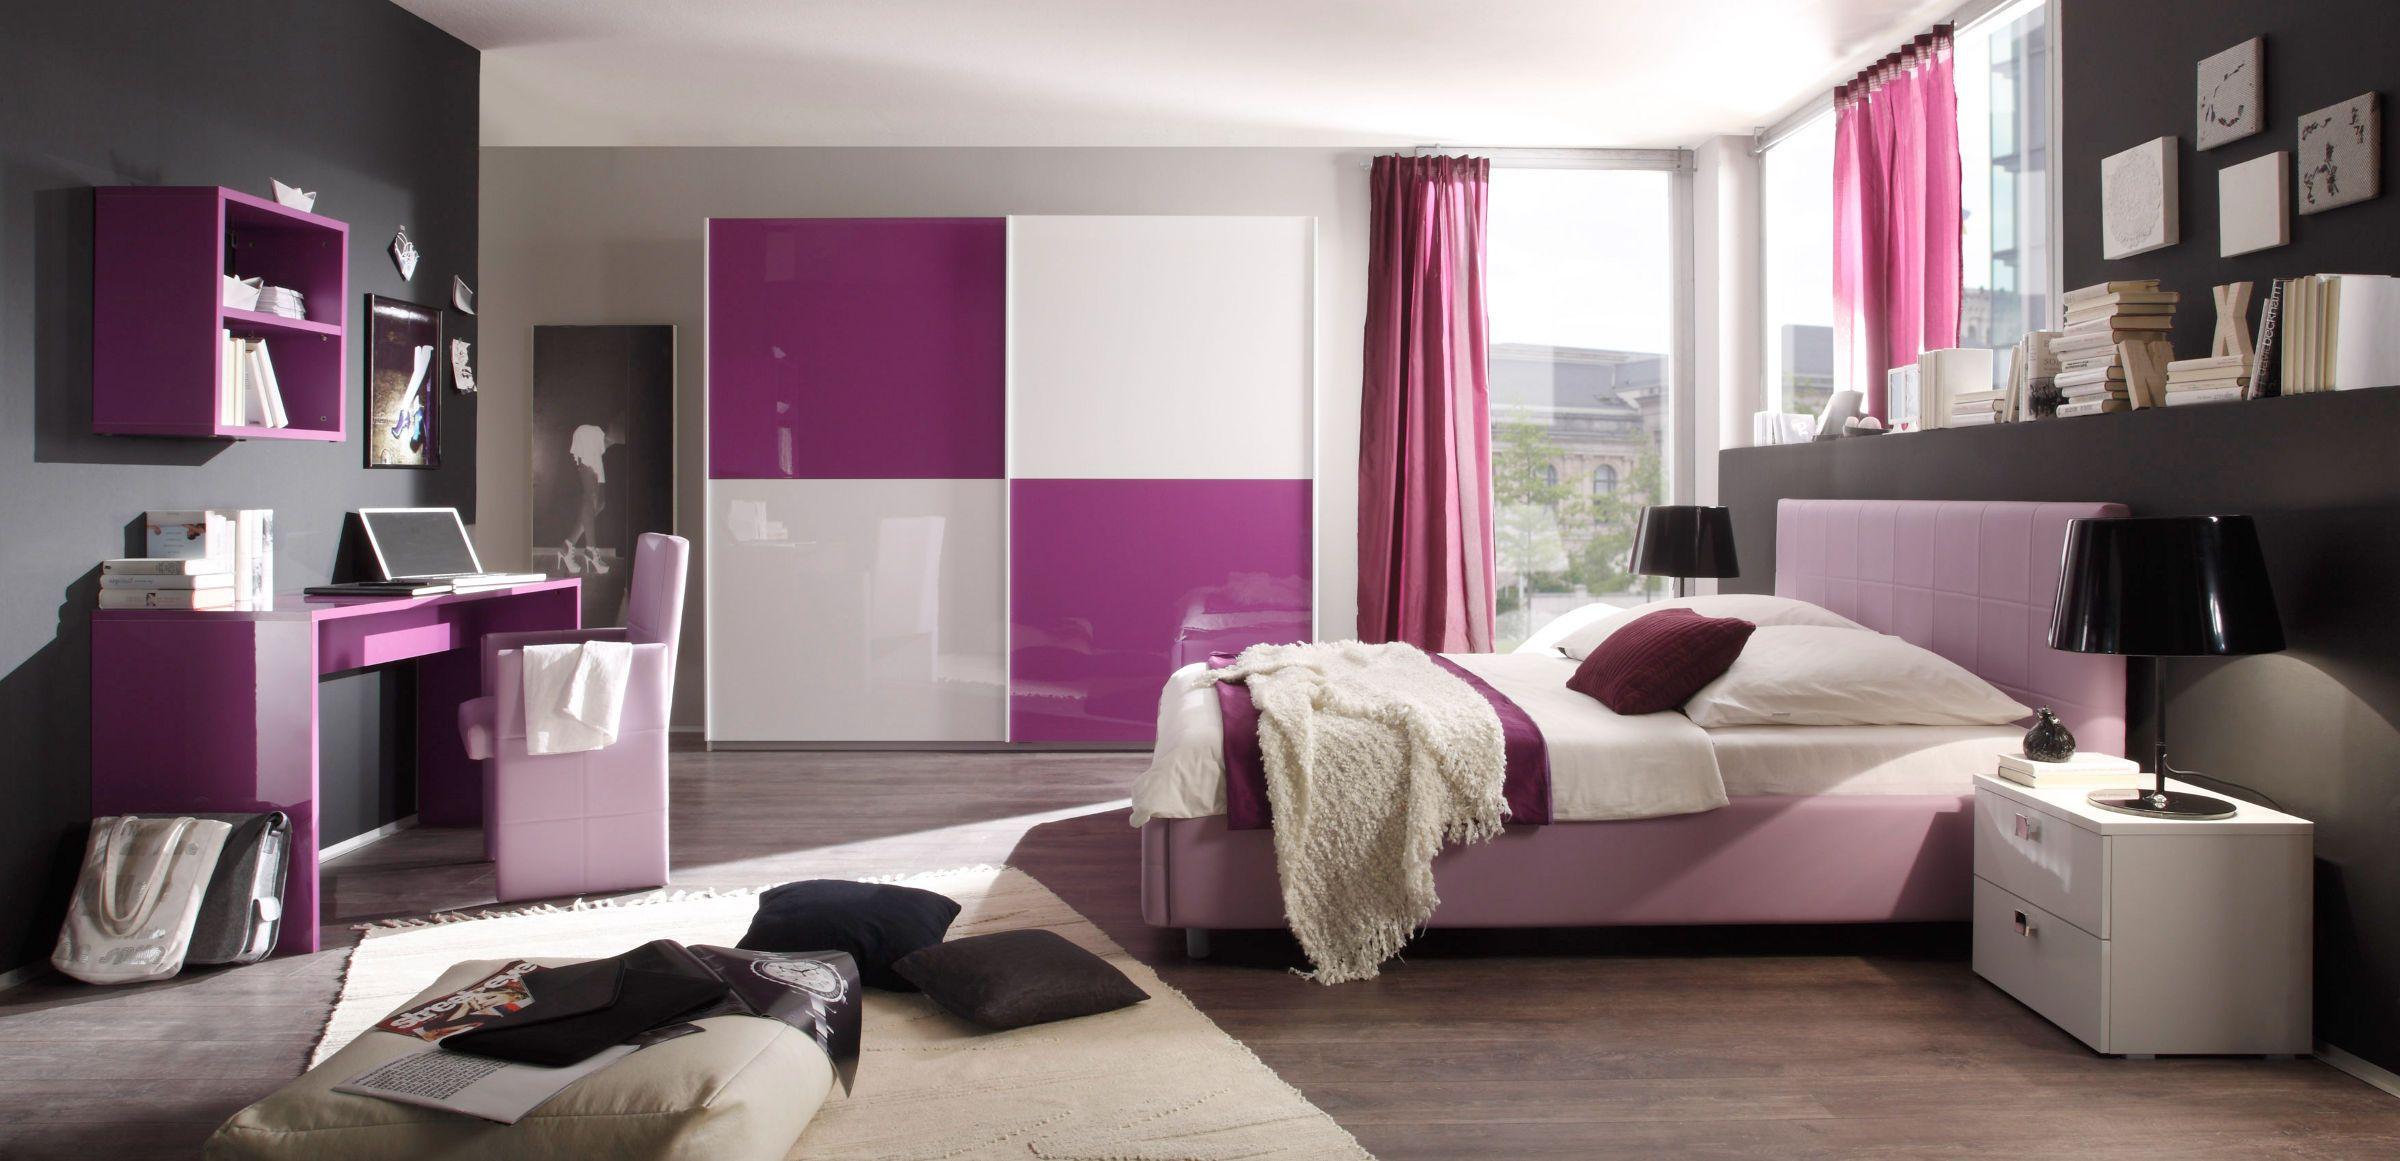 Modernes schlafzimmer lila  Schlafzimmer weiß / lila Hochglanz Lack Italien Colorativi1 | Pimp ...